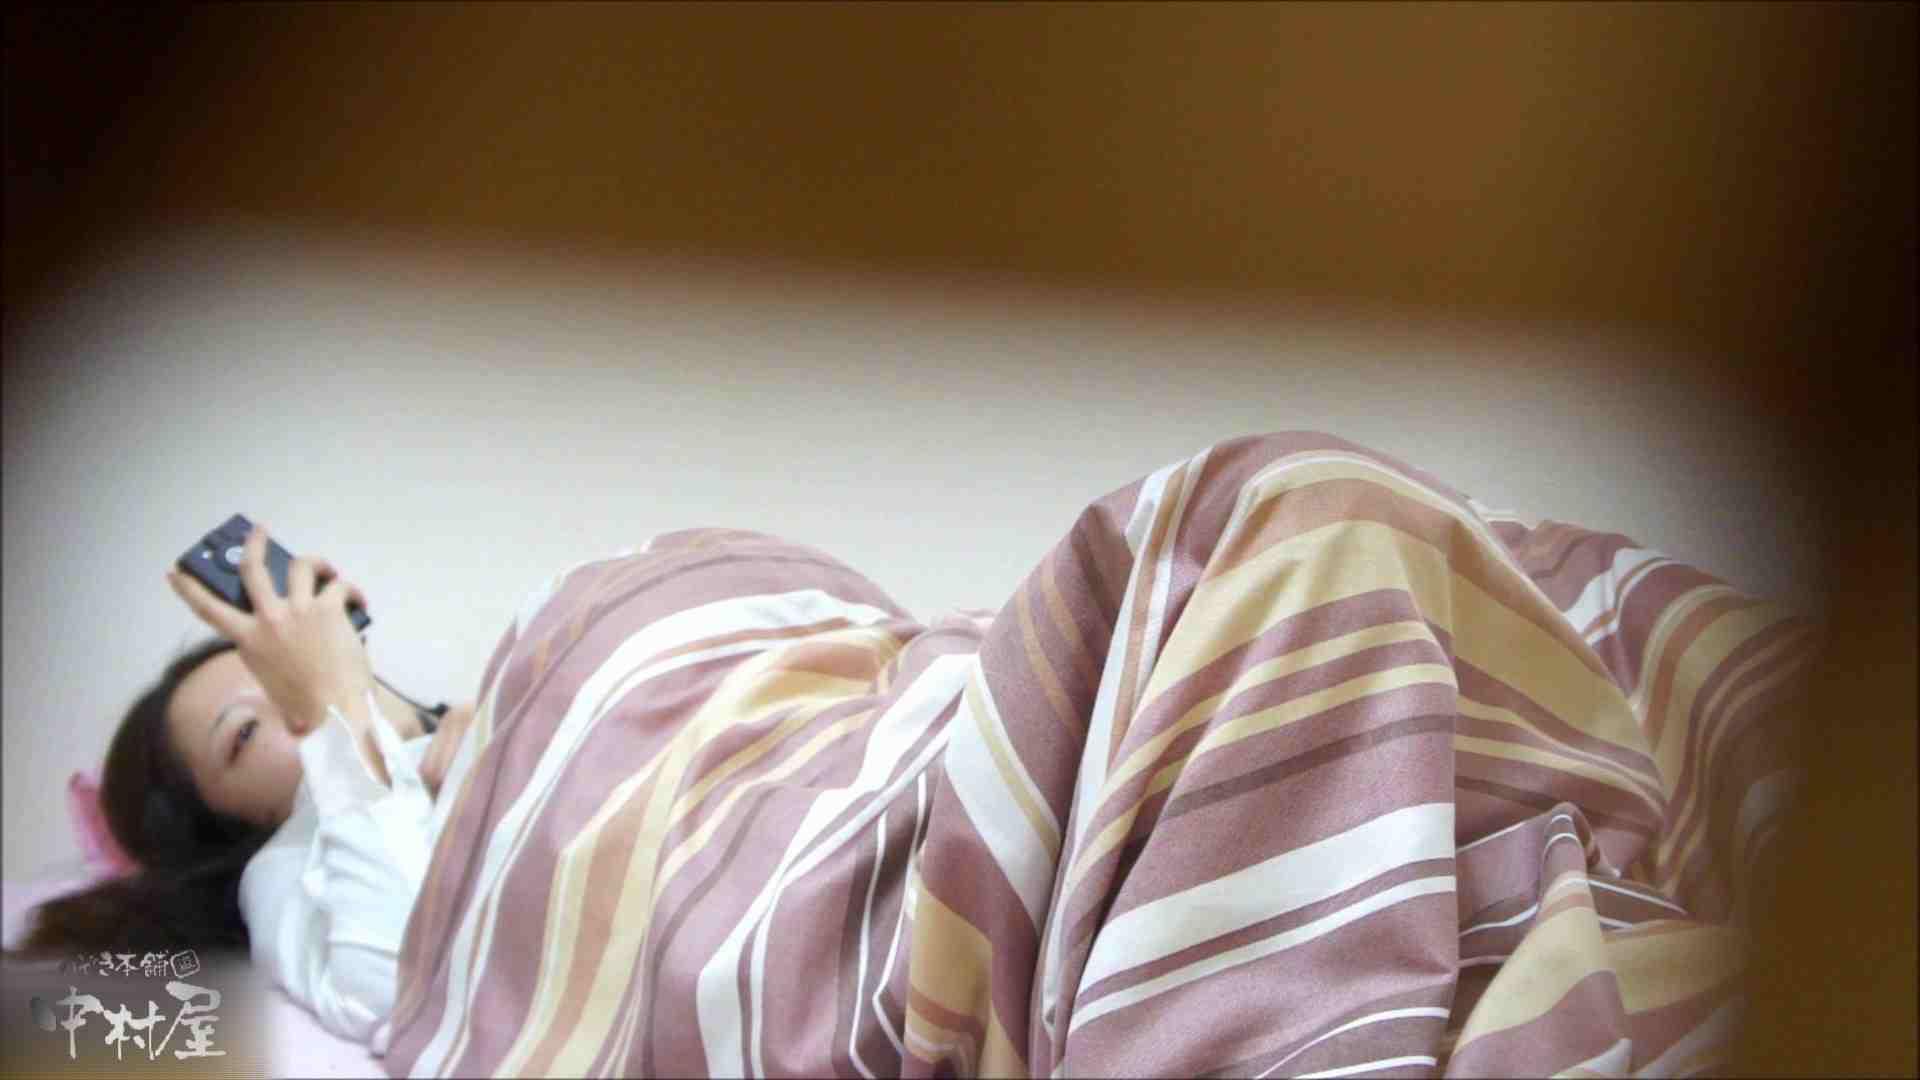 巨乳 乳首:二人とも育てた甲斐がありました…vol.24 レイカの放課後オナニーの瞬間。:のぞき本舗 中村屋